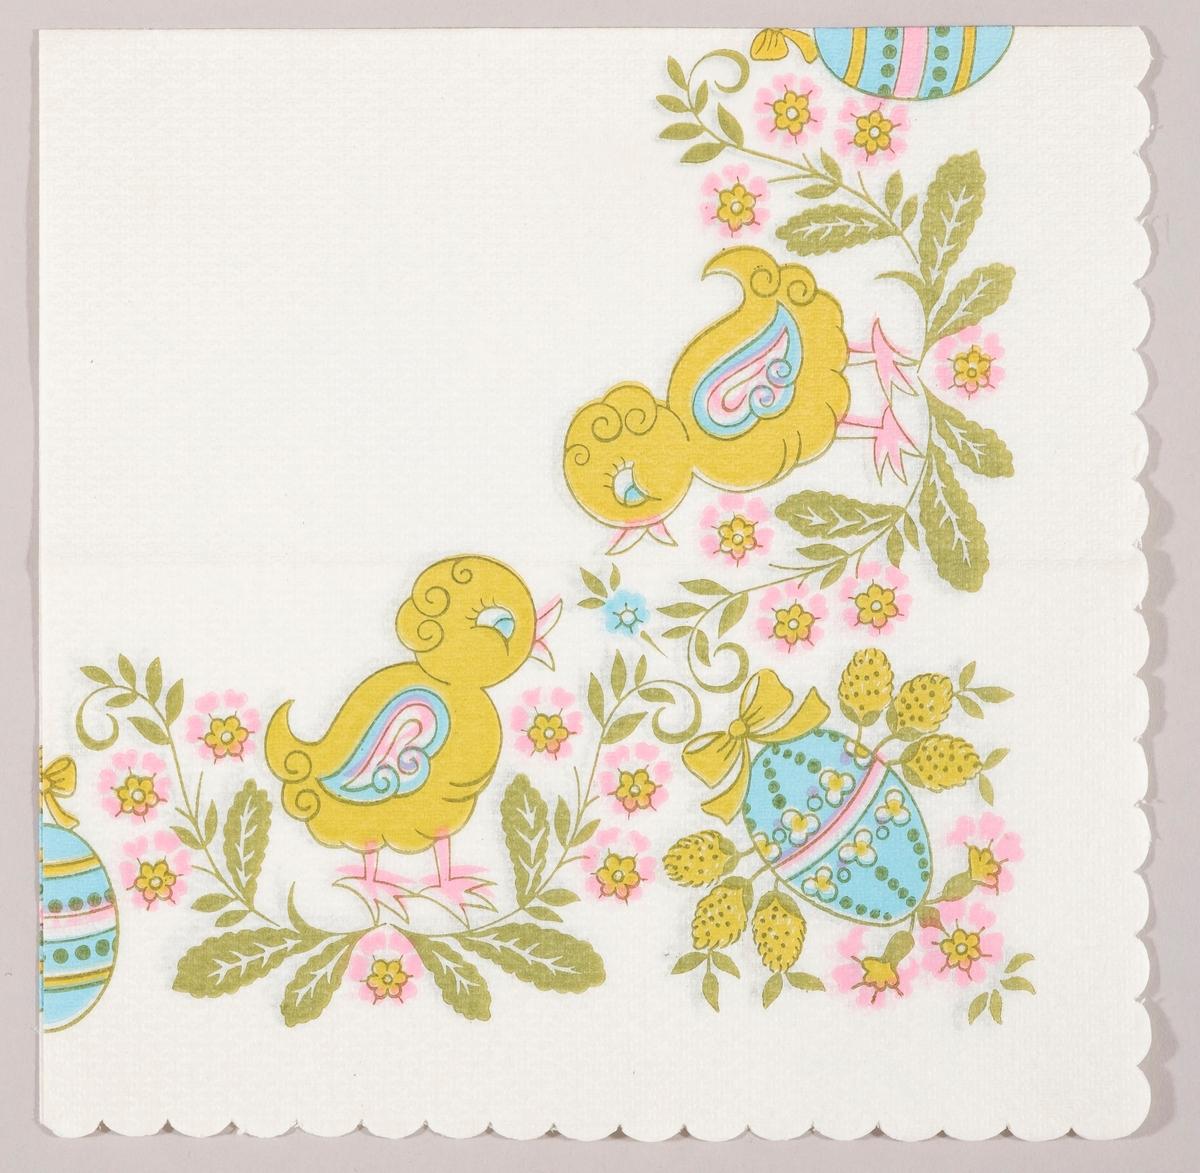 To lysgrønne kyllinger med lyseblå vinger står blant grønne blader, rosa blomster og lyseblå dekorerte påskeegg.